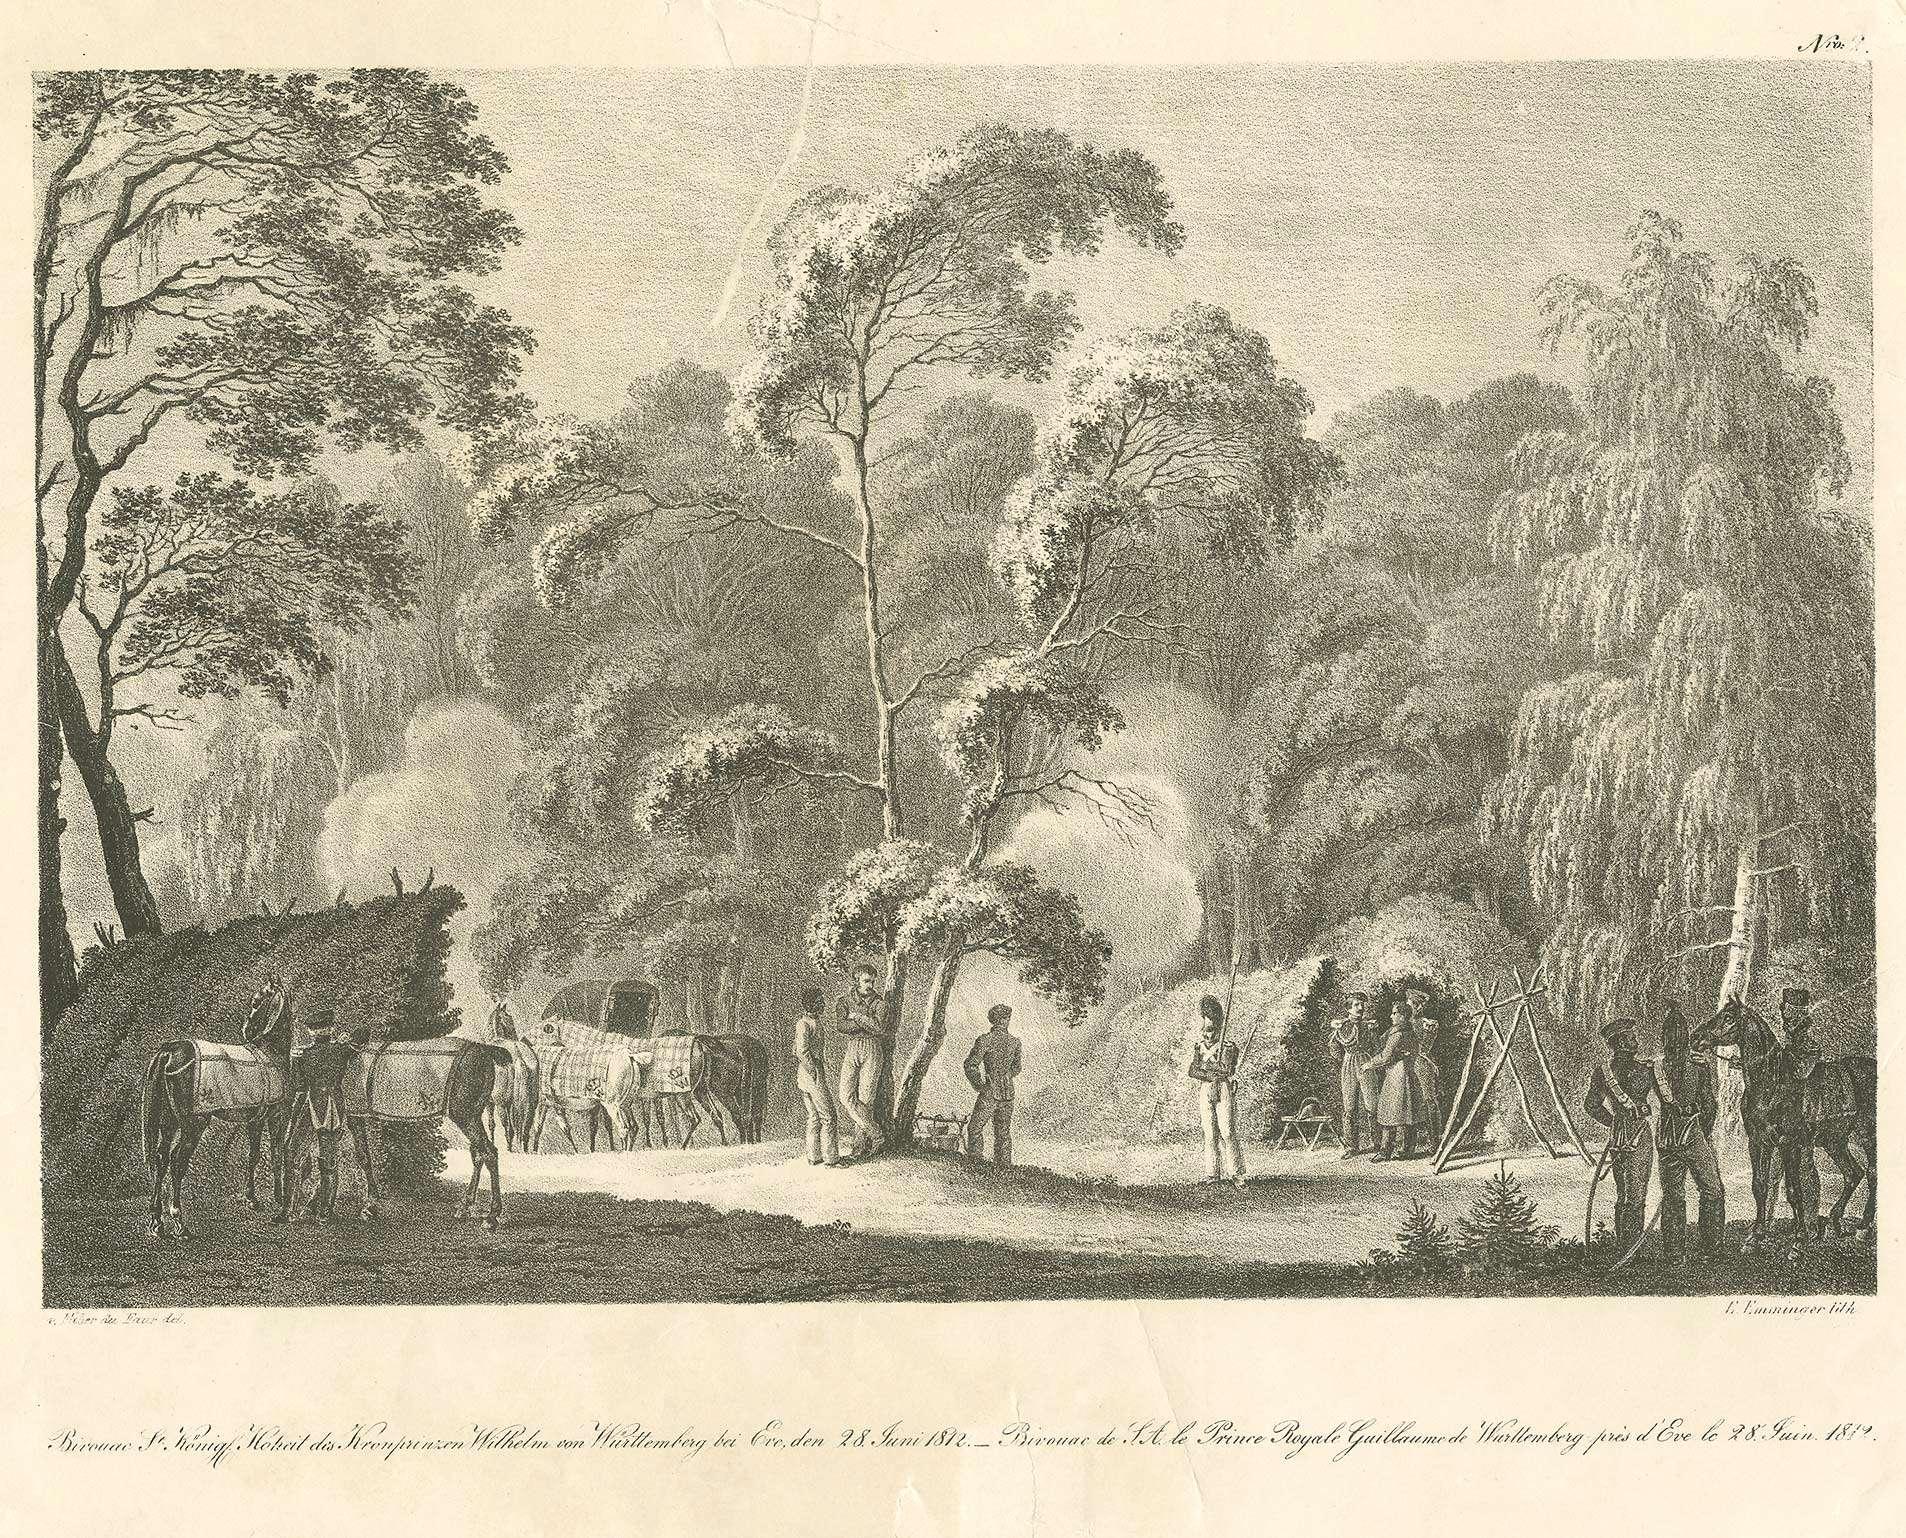 Wilhelm I., König von Württemberg (1781 - 1864), Biwak des Kronprinzen, mit Gefolge am 28.06.1812 in Waldlandschaft bei Eve, Bild 1